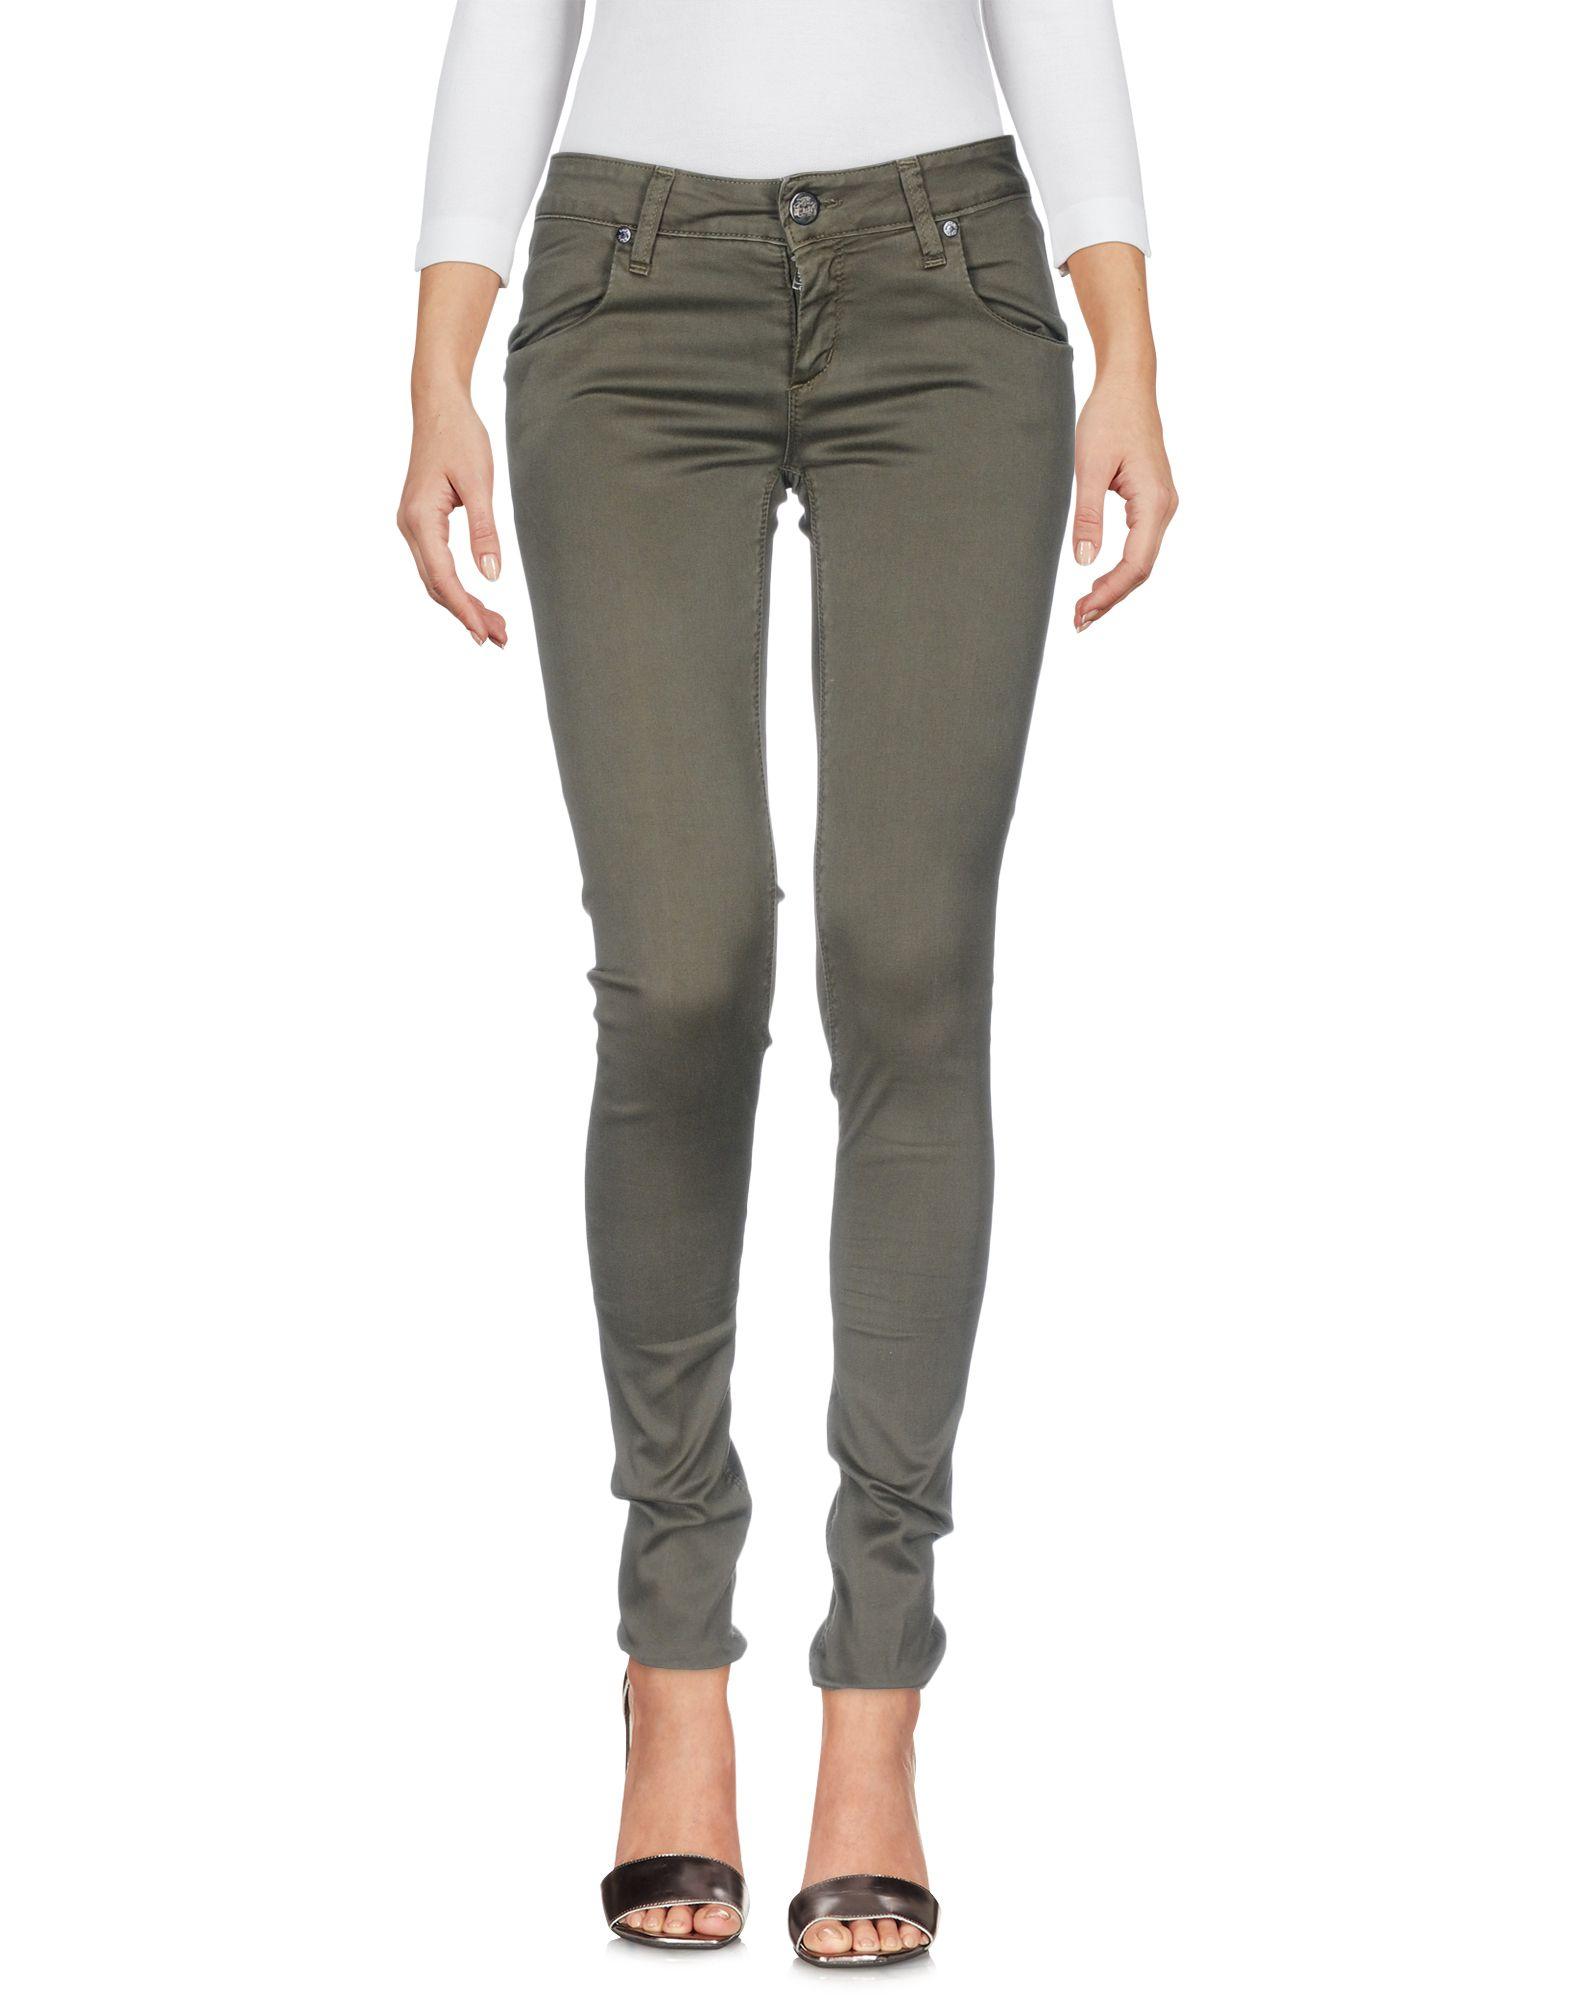 SHAFT Damen Jeanshose Farbe Militärgrün Größe 6 jetztbilligerkaufen